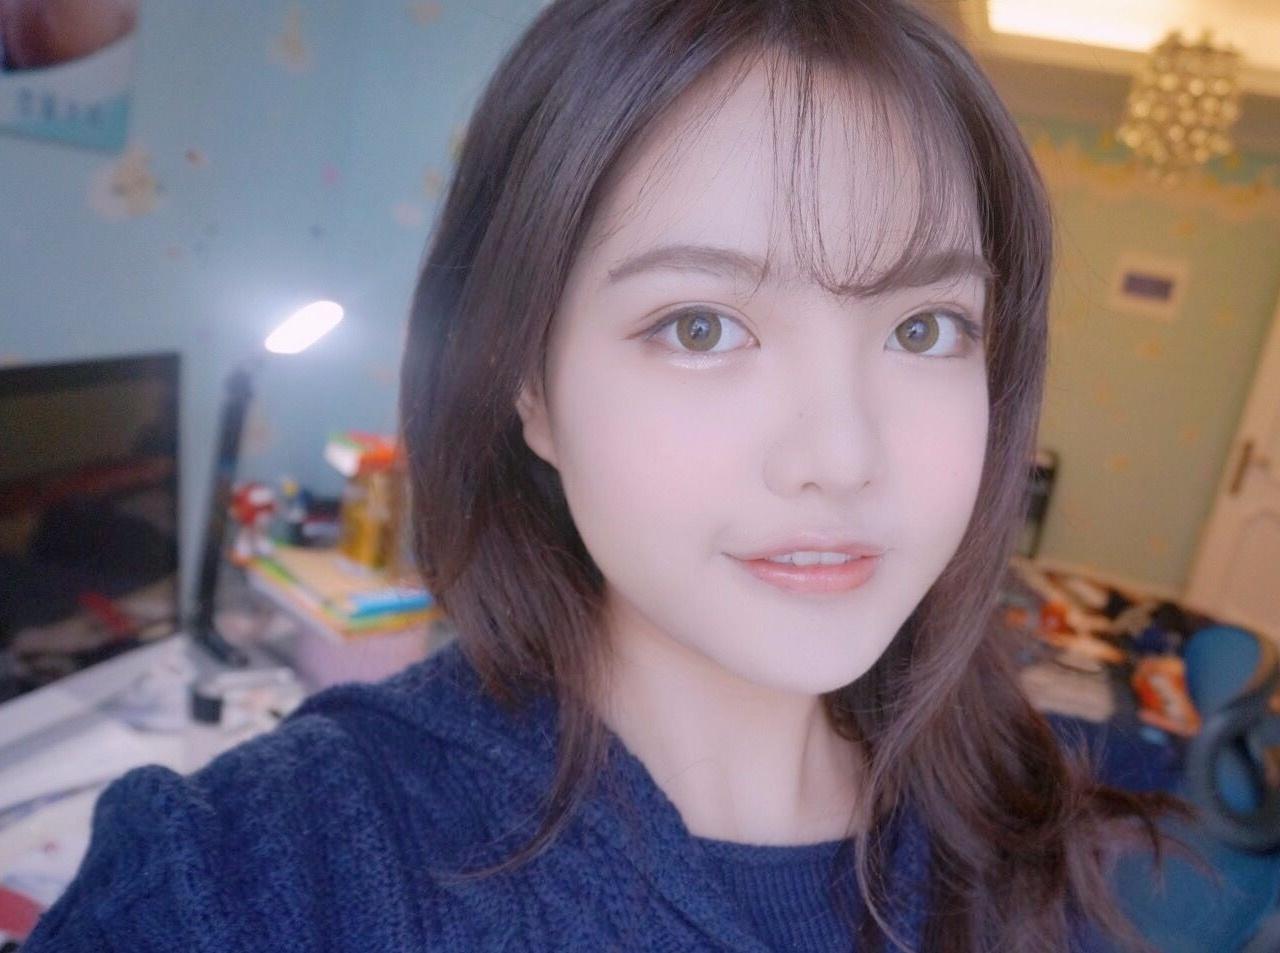 【妆容分享】小清新仙女妆